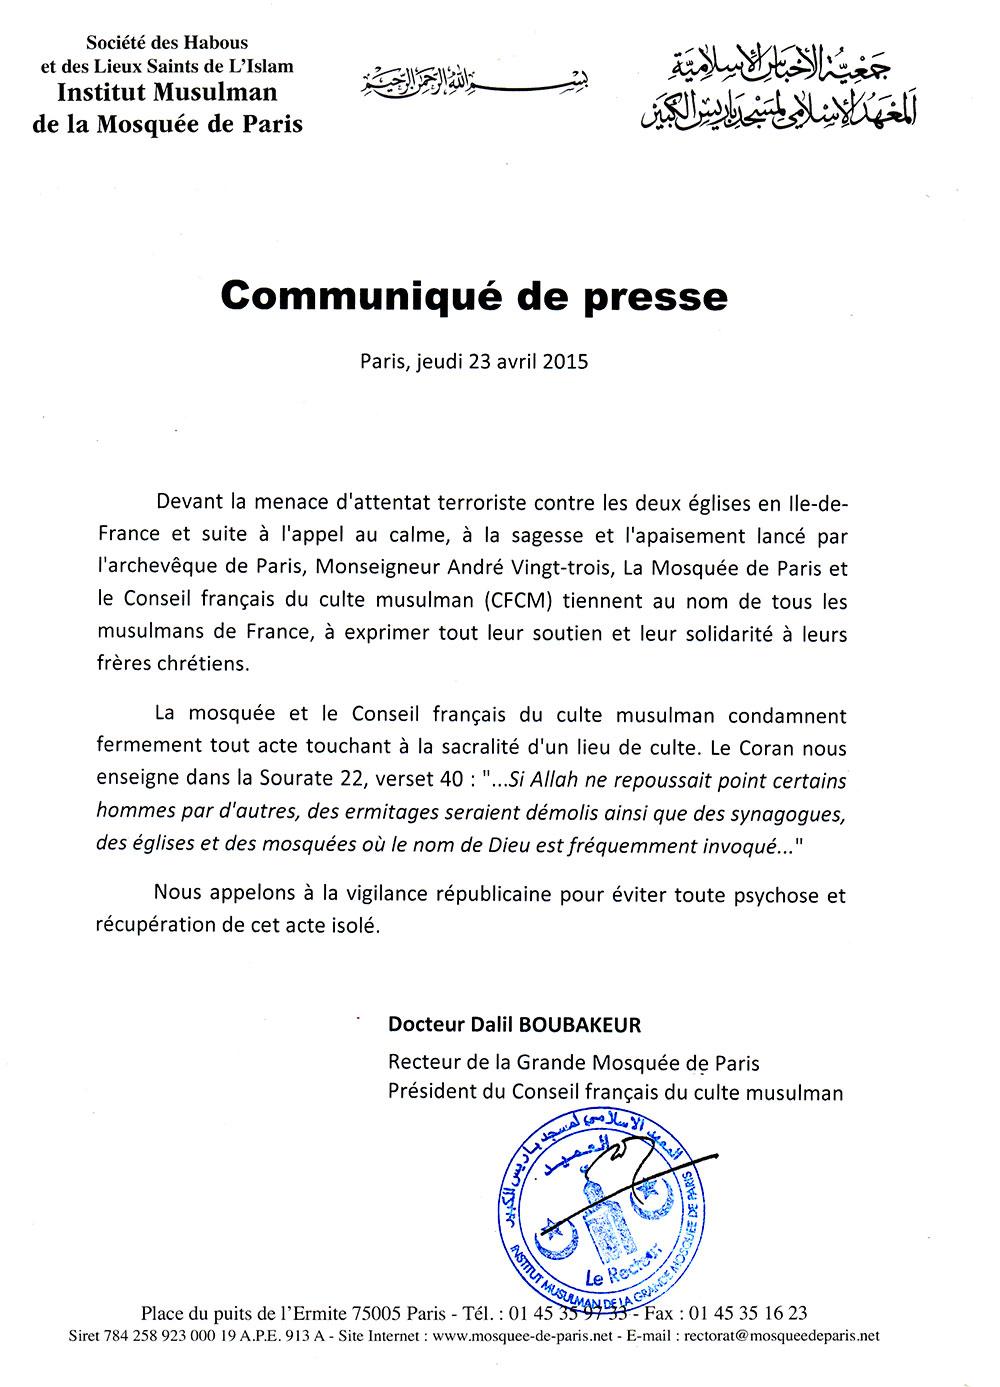 Réaction du Conseil Français du Culte Musulman, suite à la menace d'attentat terroriste contre des Eglises en métropole.